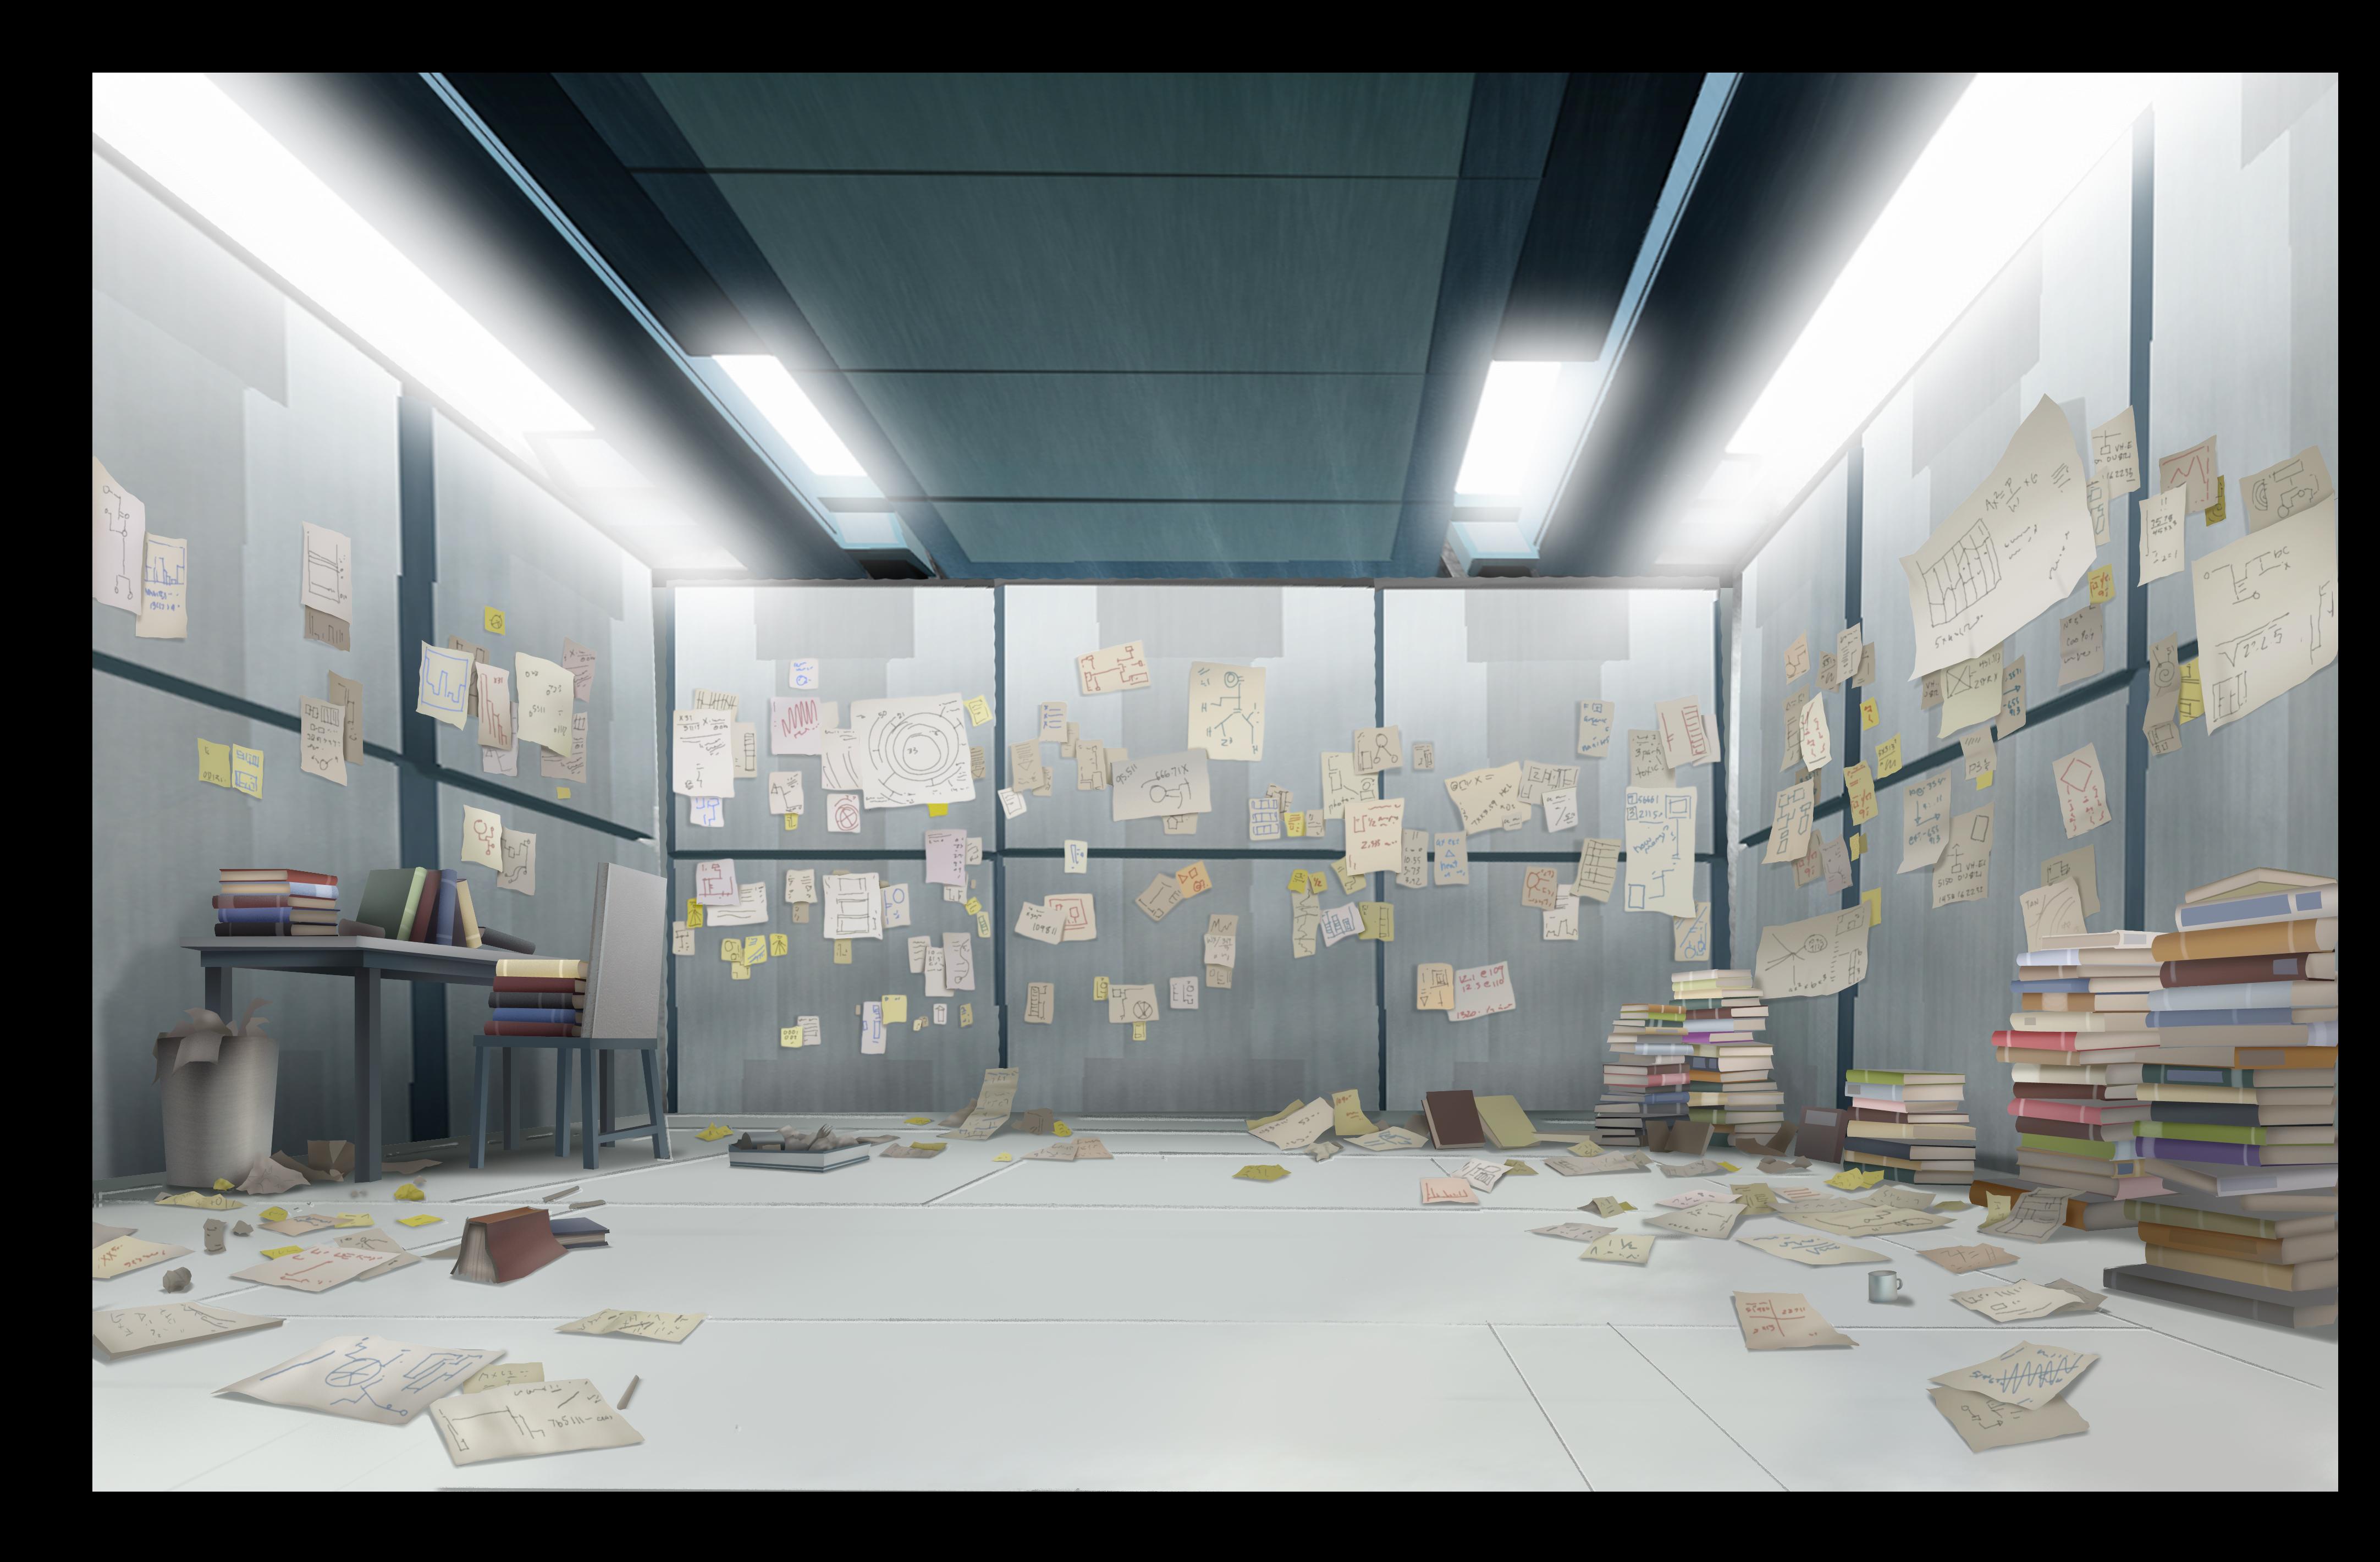 B055S750_1377Van Kleiss Room_02.final.flat copy.jpg